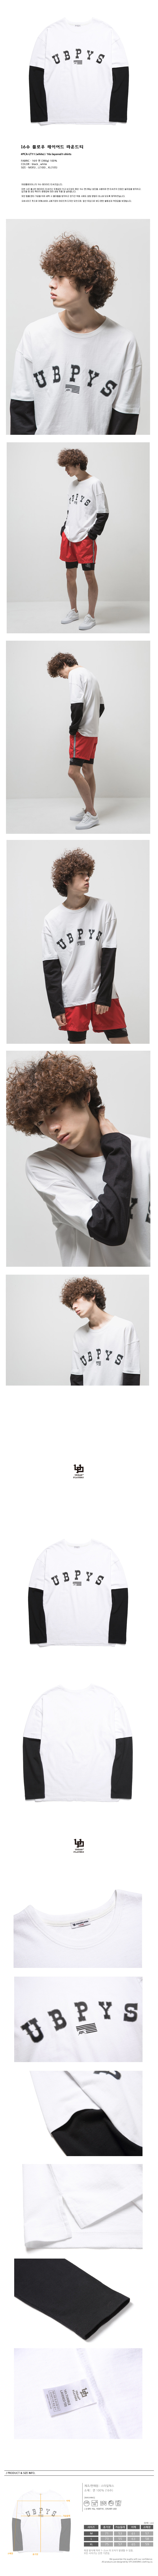 어반플레이어스(URBAN PLAYERS) [어반플레이어스]16수 플로우 레이어드 티셔츠(화이트)